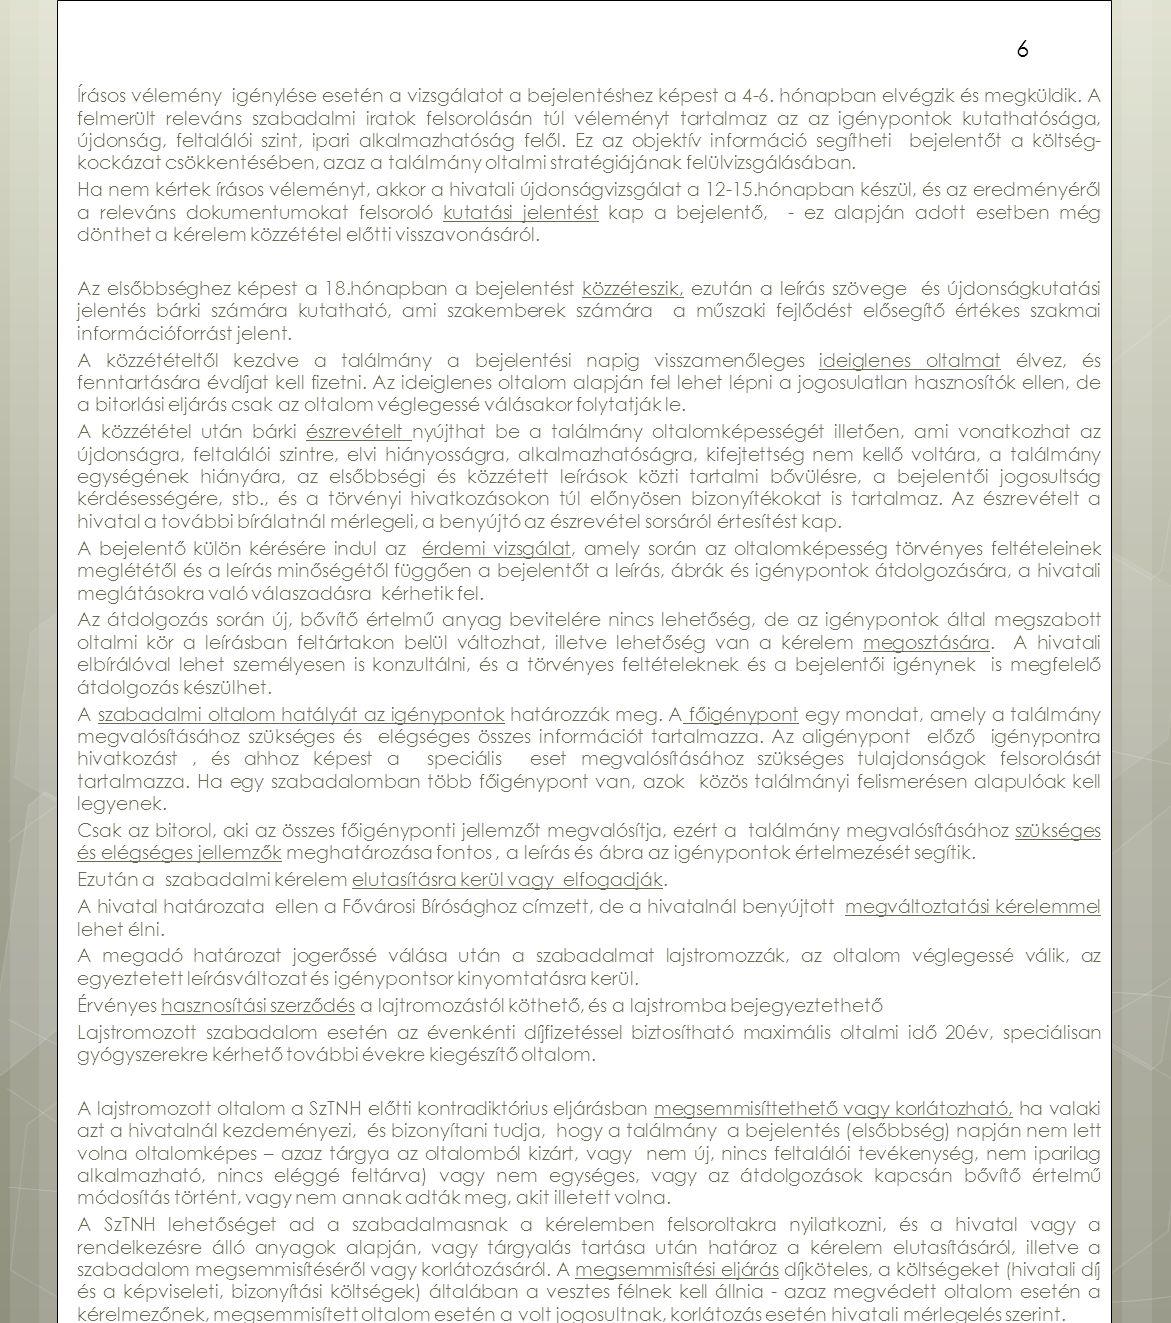 A használati szerződésre vonatkozó rendelkezéseket elsősorban a megfelelő iparjogvédelmi tárgyú törvények (például Szabadalmi Törvény, Védjegytörvény, Szerzőijogi Törvény) tartalmazzák, míg az ott nem szabályozott kérdések tekintetében a Polgári Törvénykönyv az irányadó.Polgári Törvénykönyv Semmis az a kikötés, amely a gazdasági versenyt korlátozó megállapodás tilalmába ütközik, vagy egyébként a szellemi tulajdon oltalmából eredő jogok társadalmi rendeltetésével össze nem függő célra irányul.